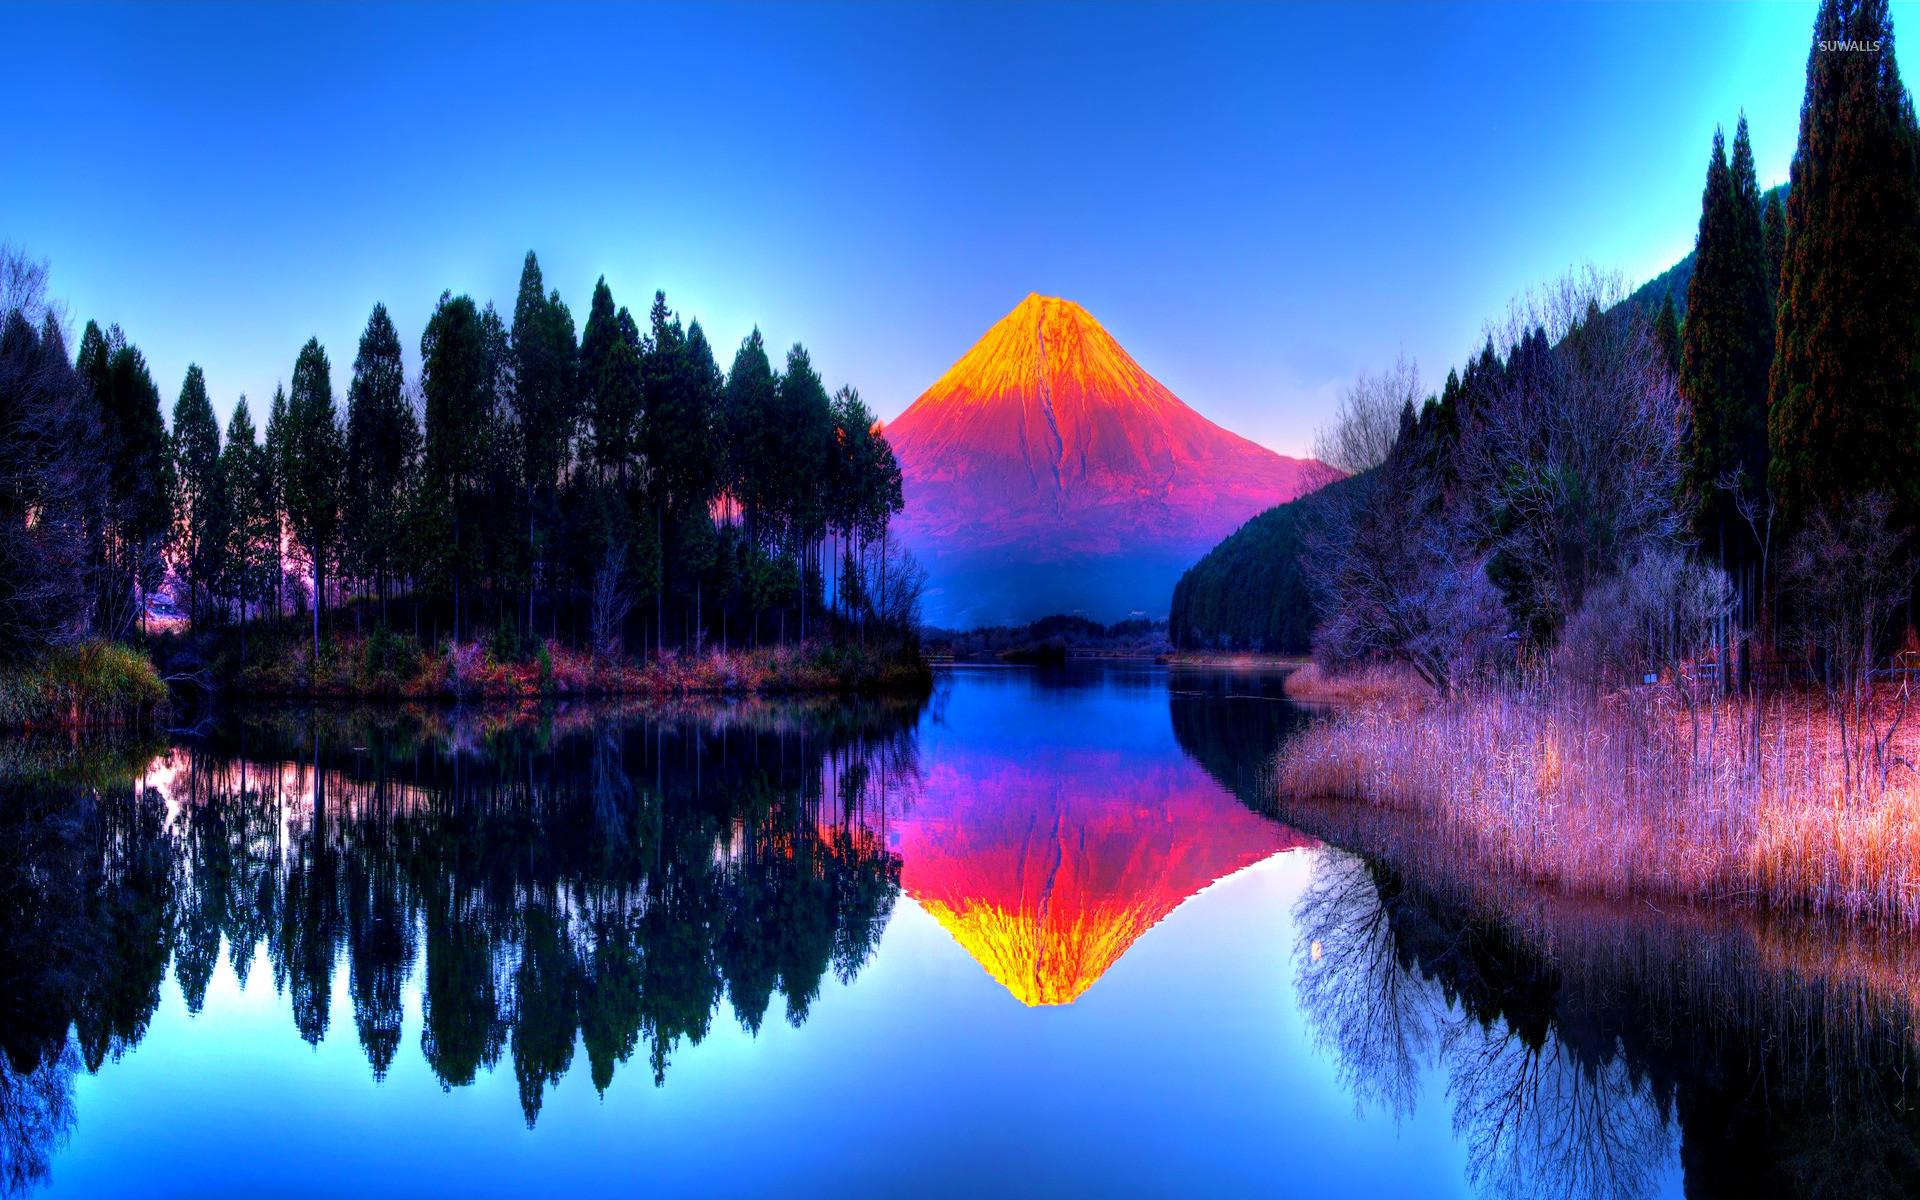 Colorful volcano wallpaper